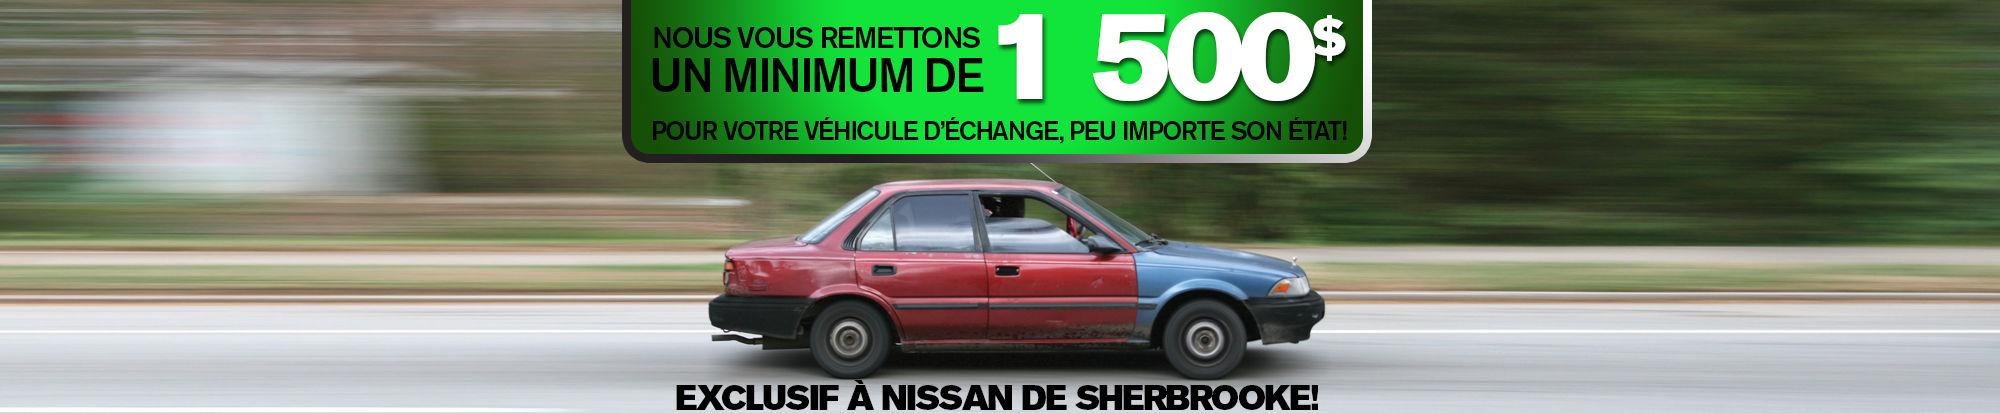 Minimum de 1 500$  pour votre véhicule d'échange! (Copie)